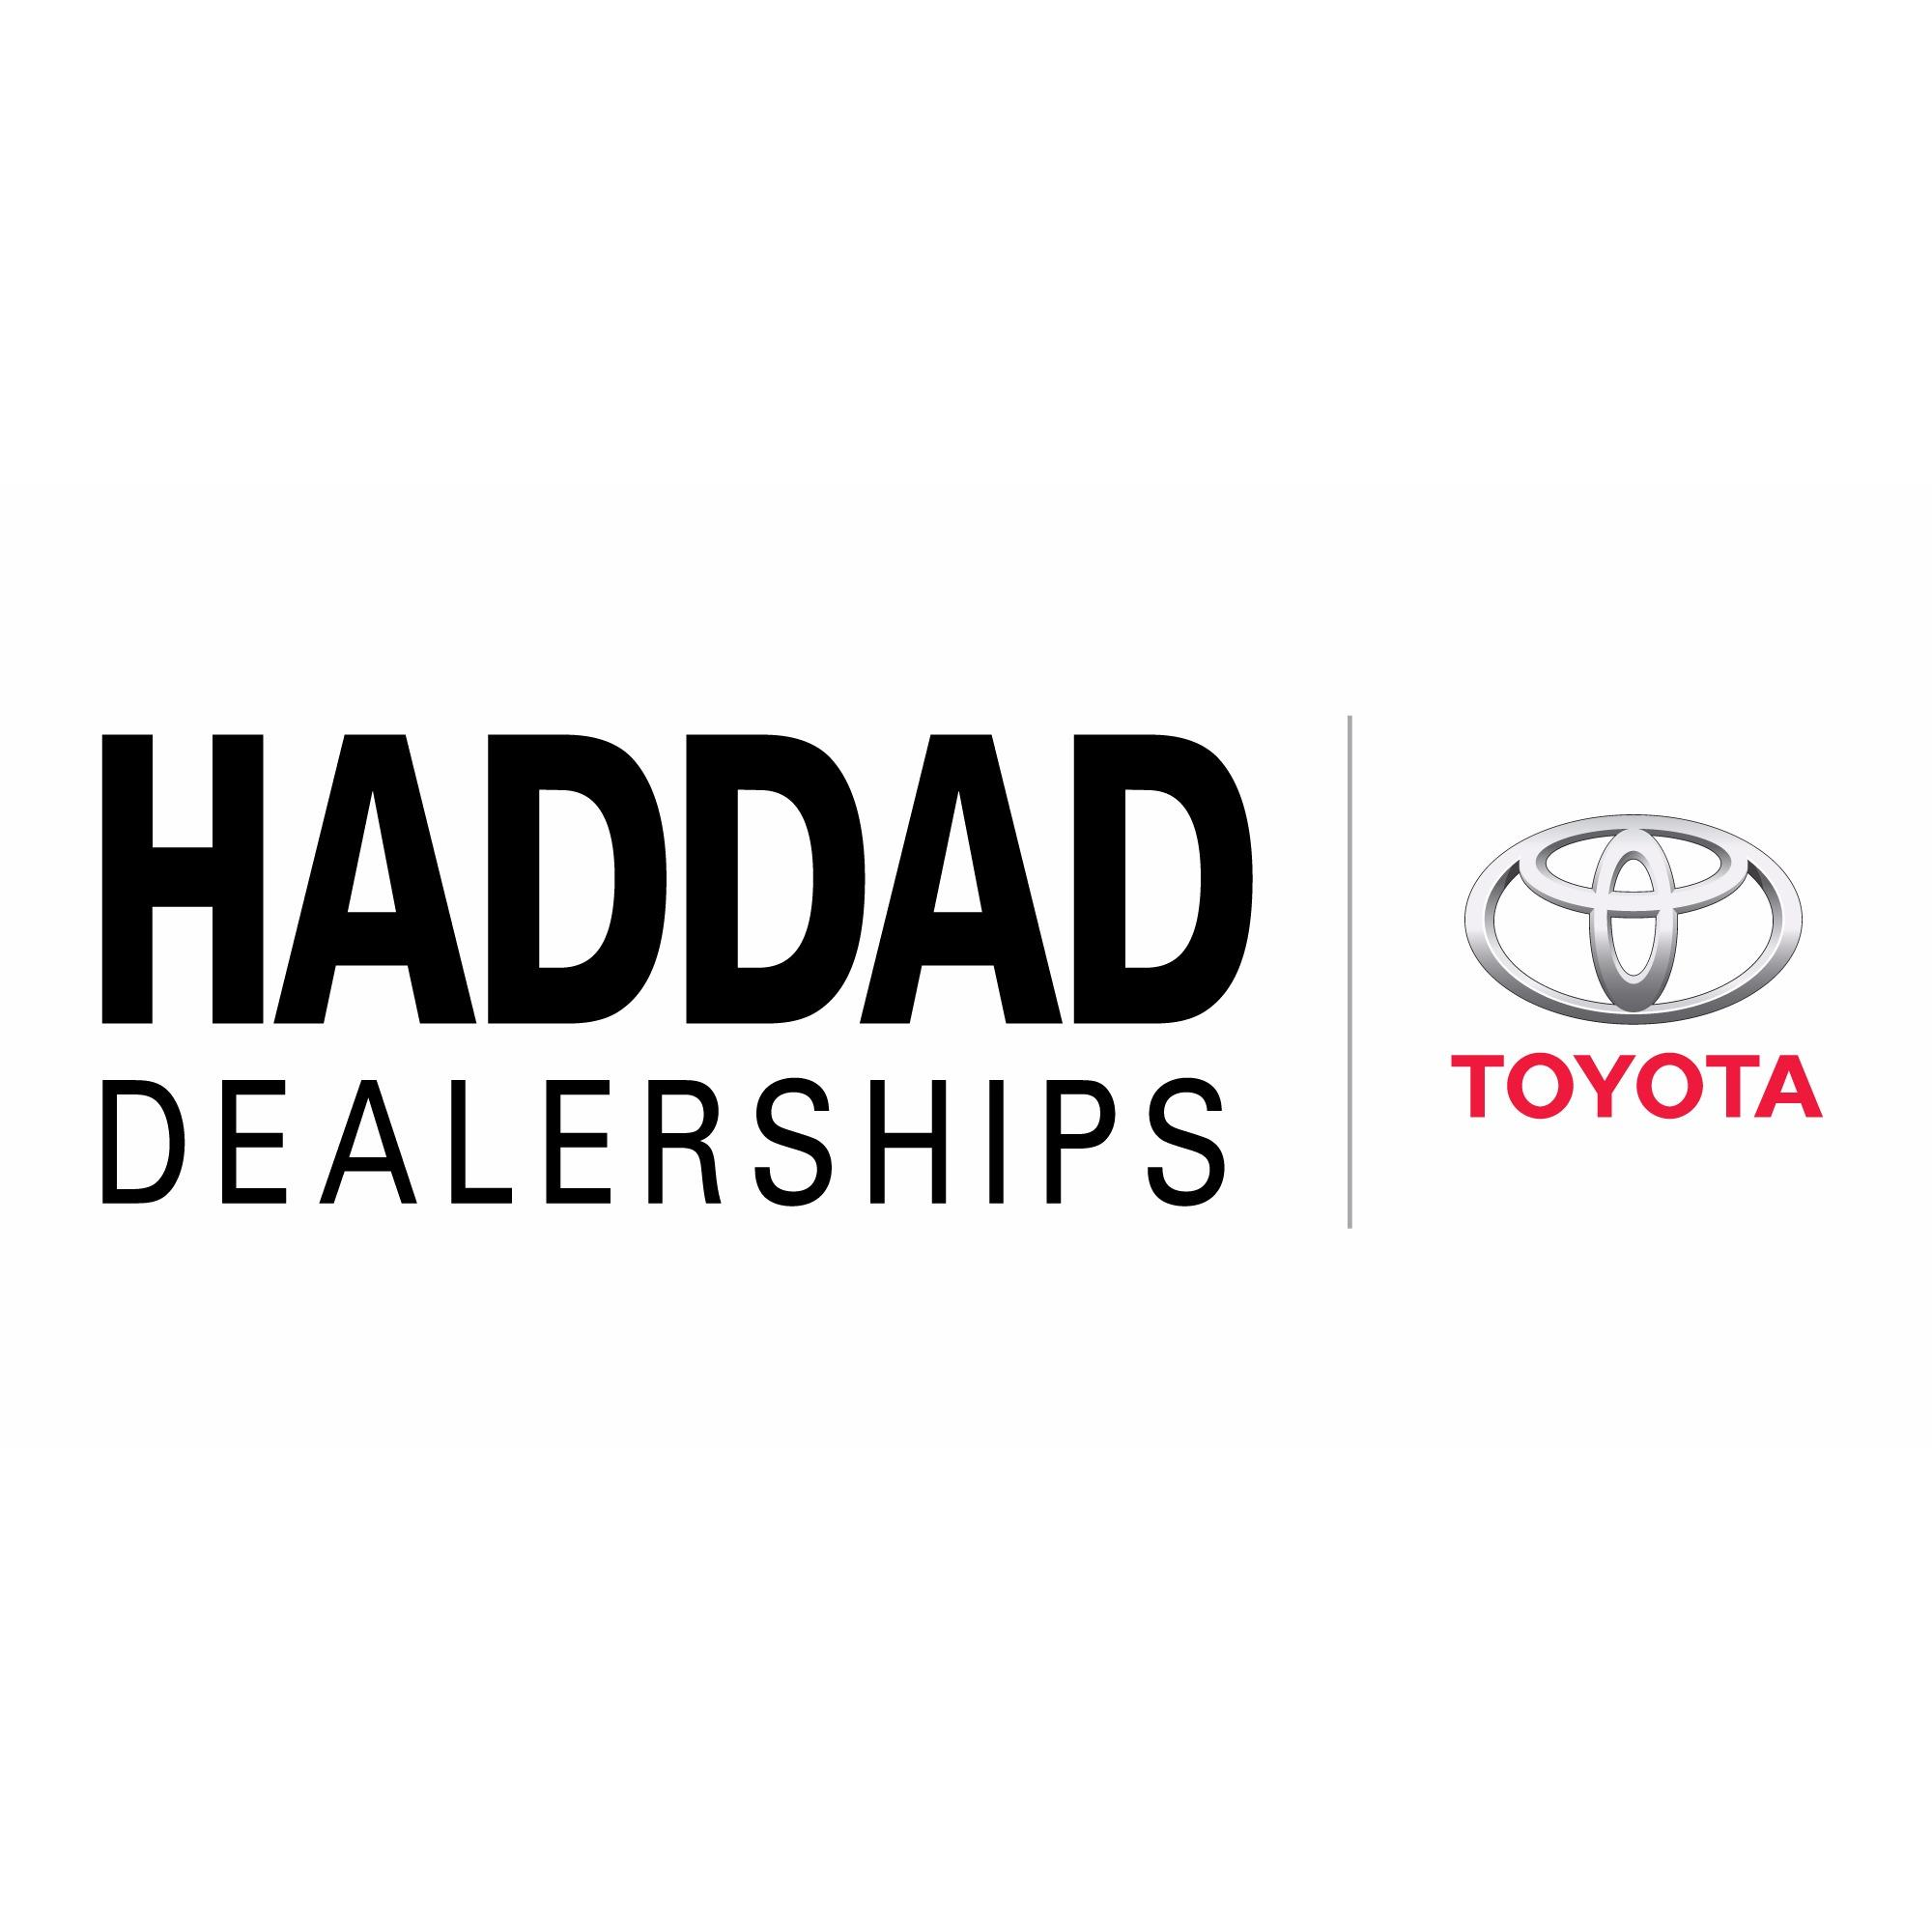 Haddad Toyota